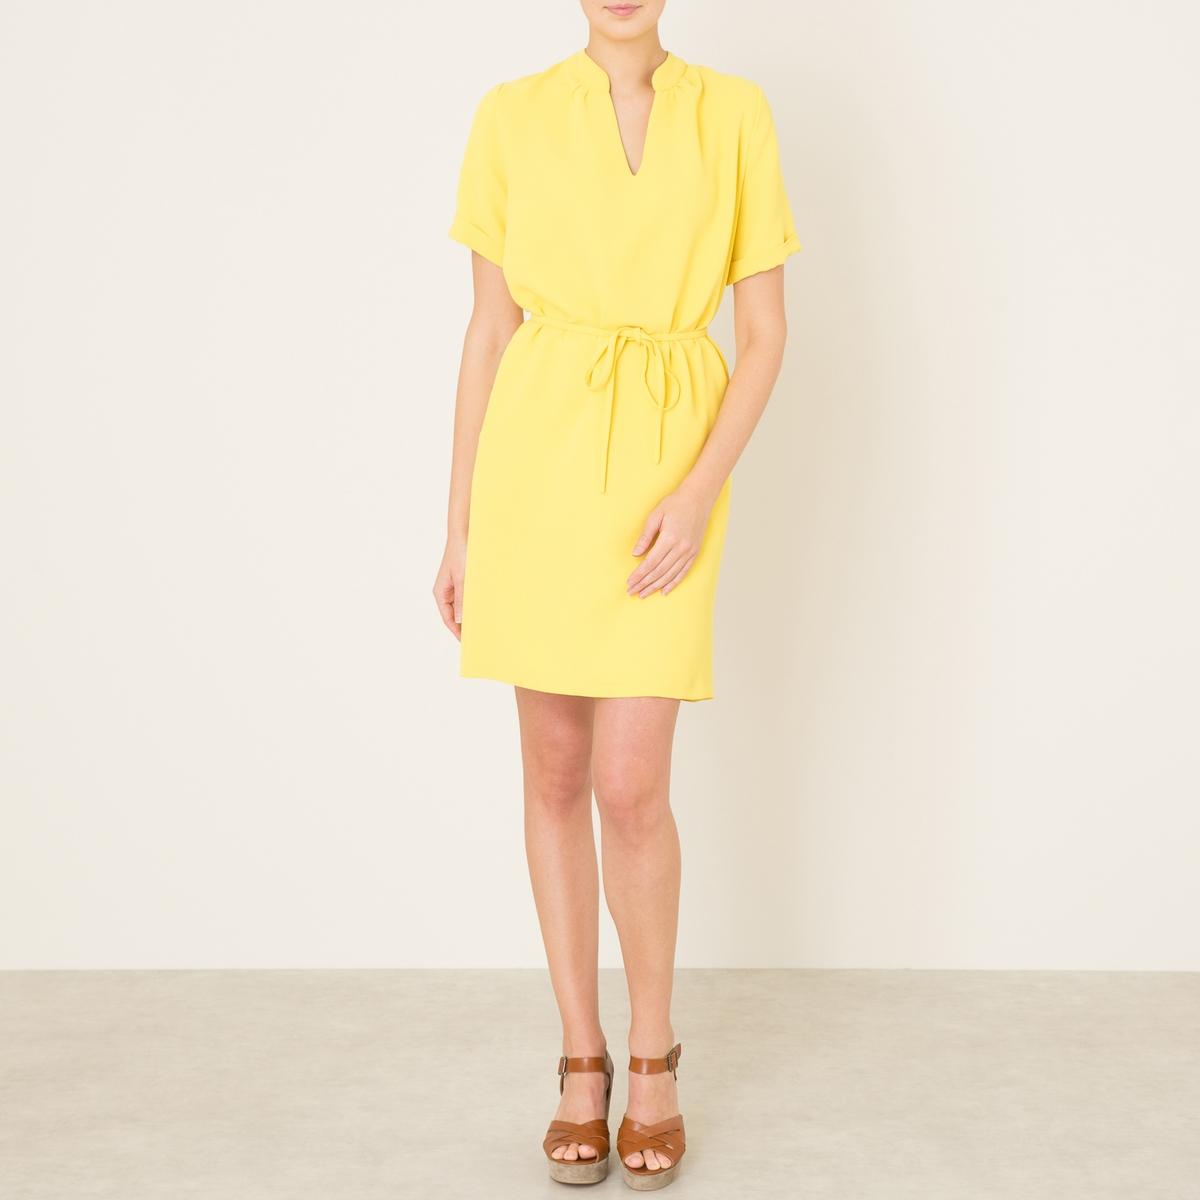 Платье ALIUMСостав и описание    Материал : 100% полиэстер   Длина : ок.92 см. для размера 36    Марка : TOUPY<br><br>Цвет: желтый,темно-синий<br>Размер: S